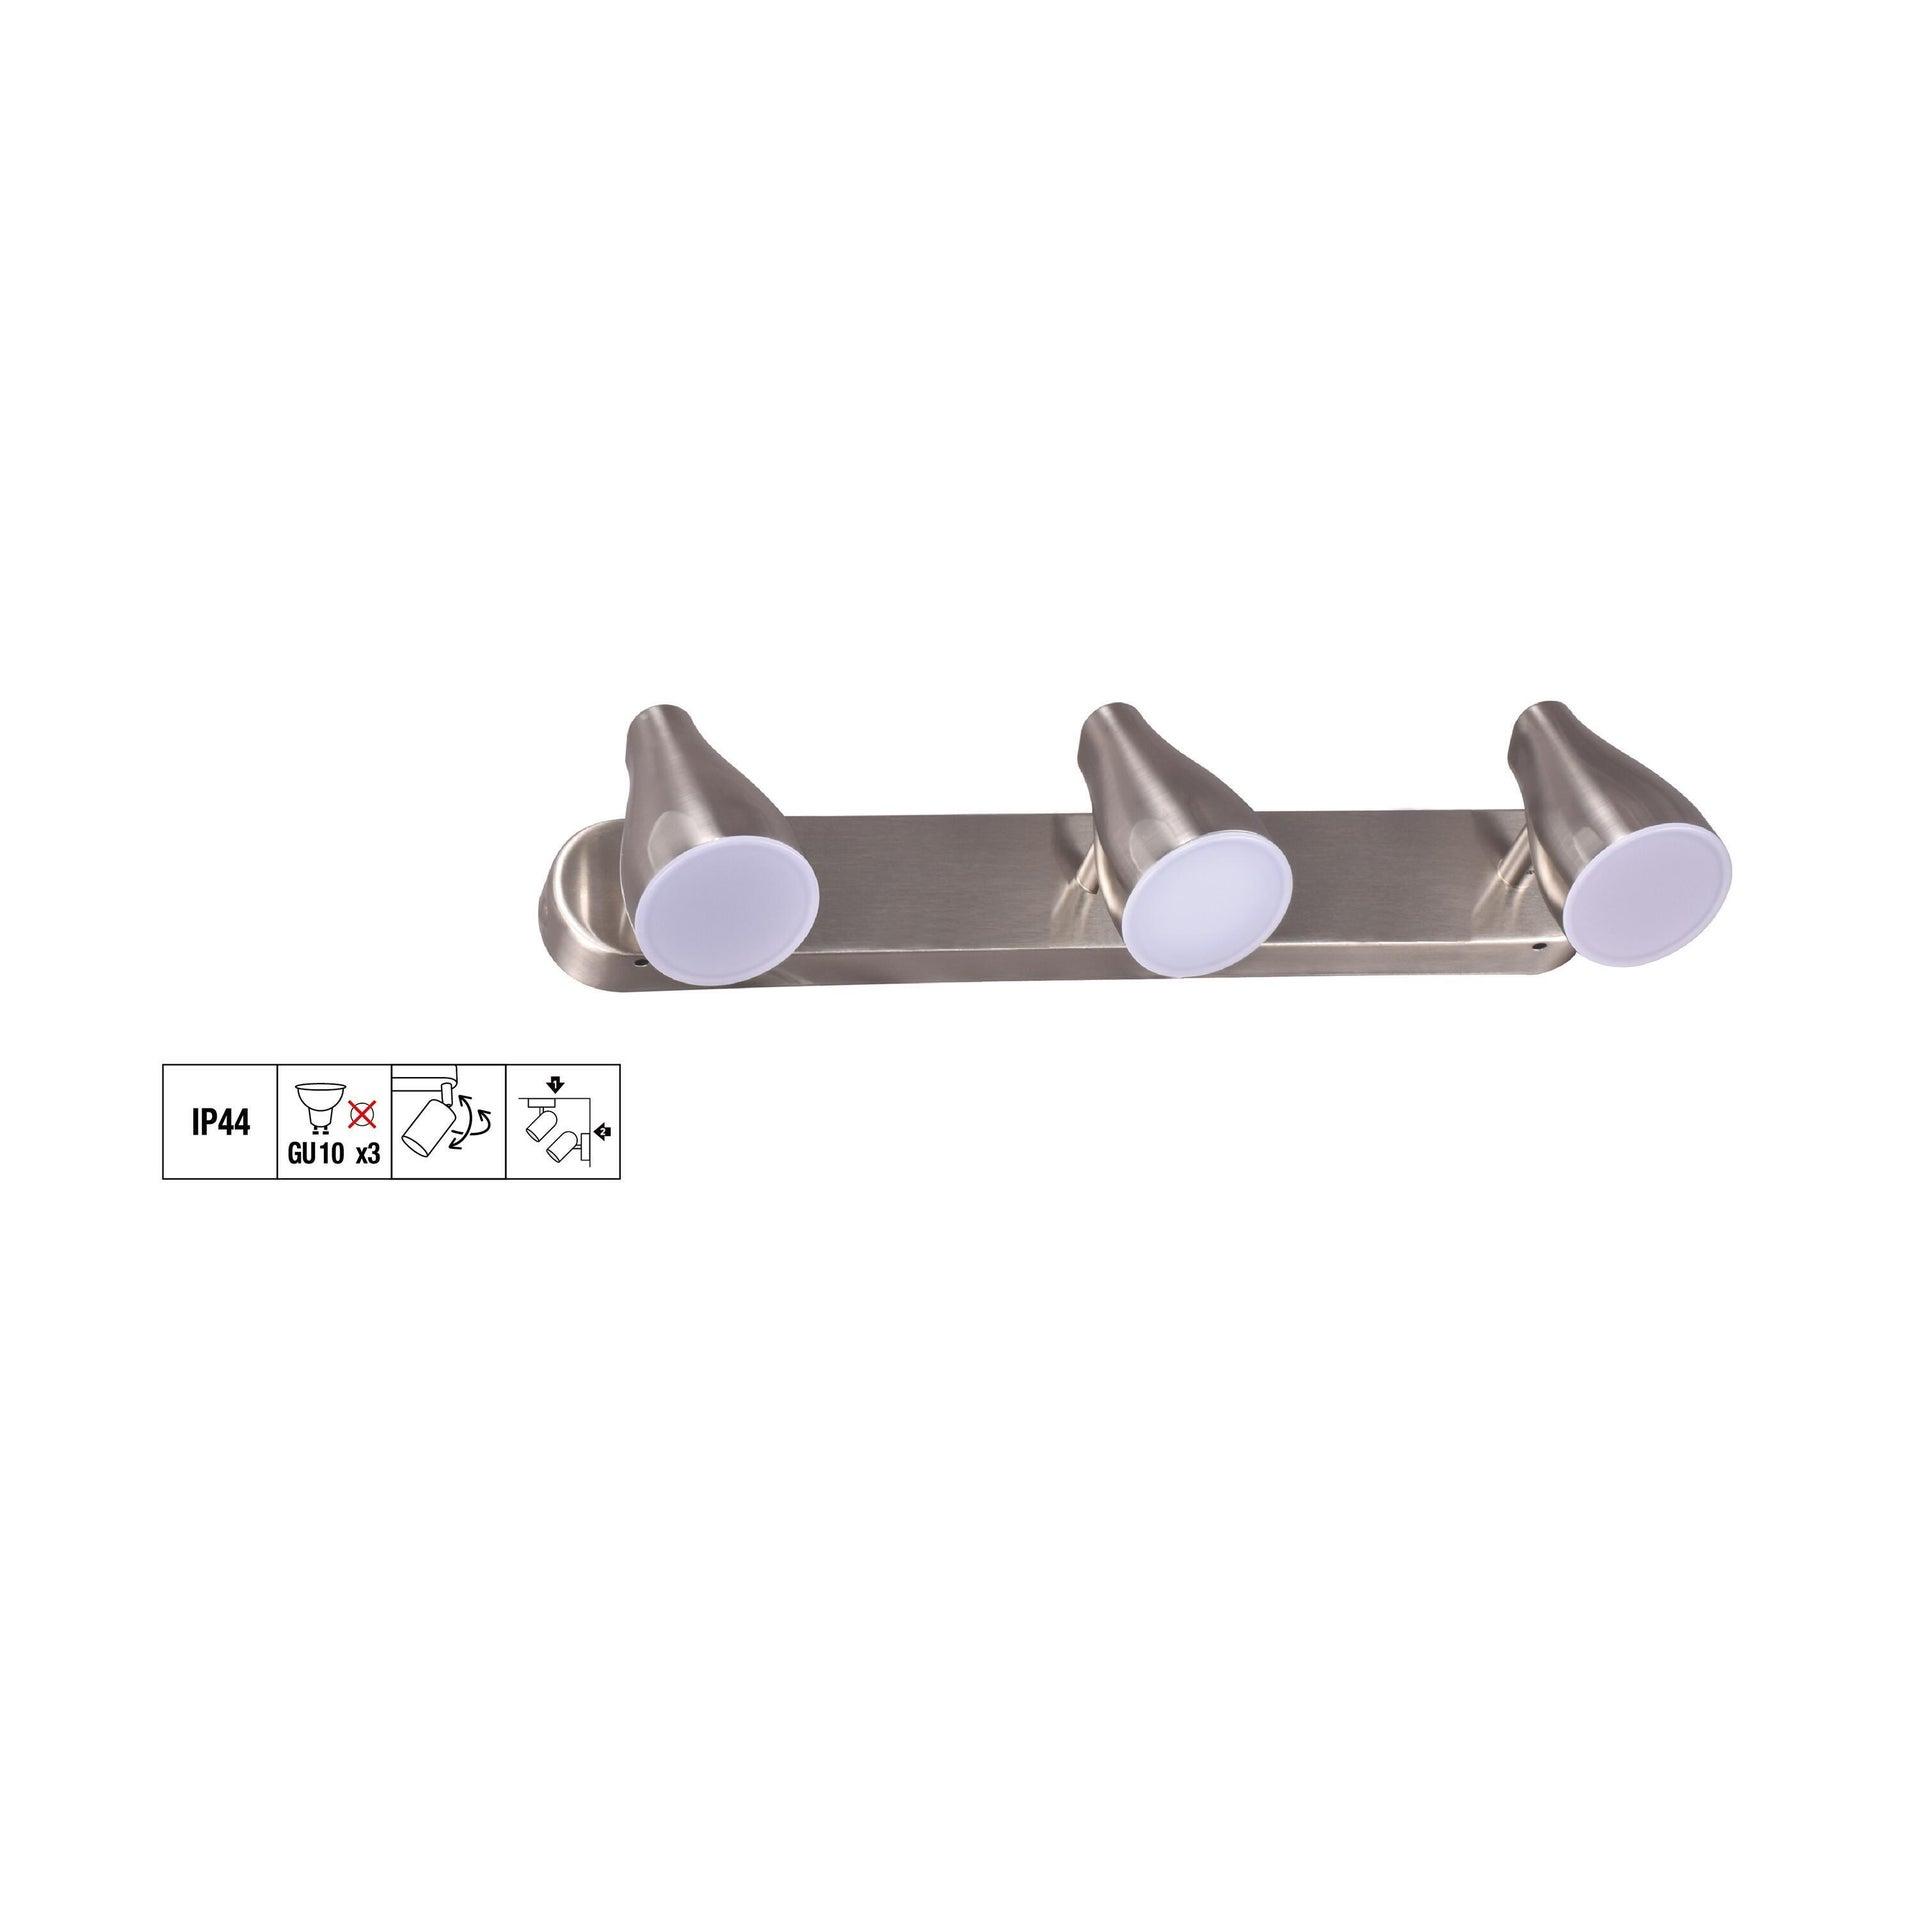 Barra di faretti Bar con 3 faretti cromo, in plastica, GU10 3xIP44 - 11